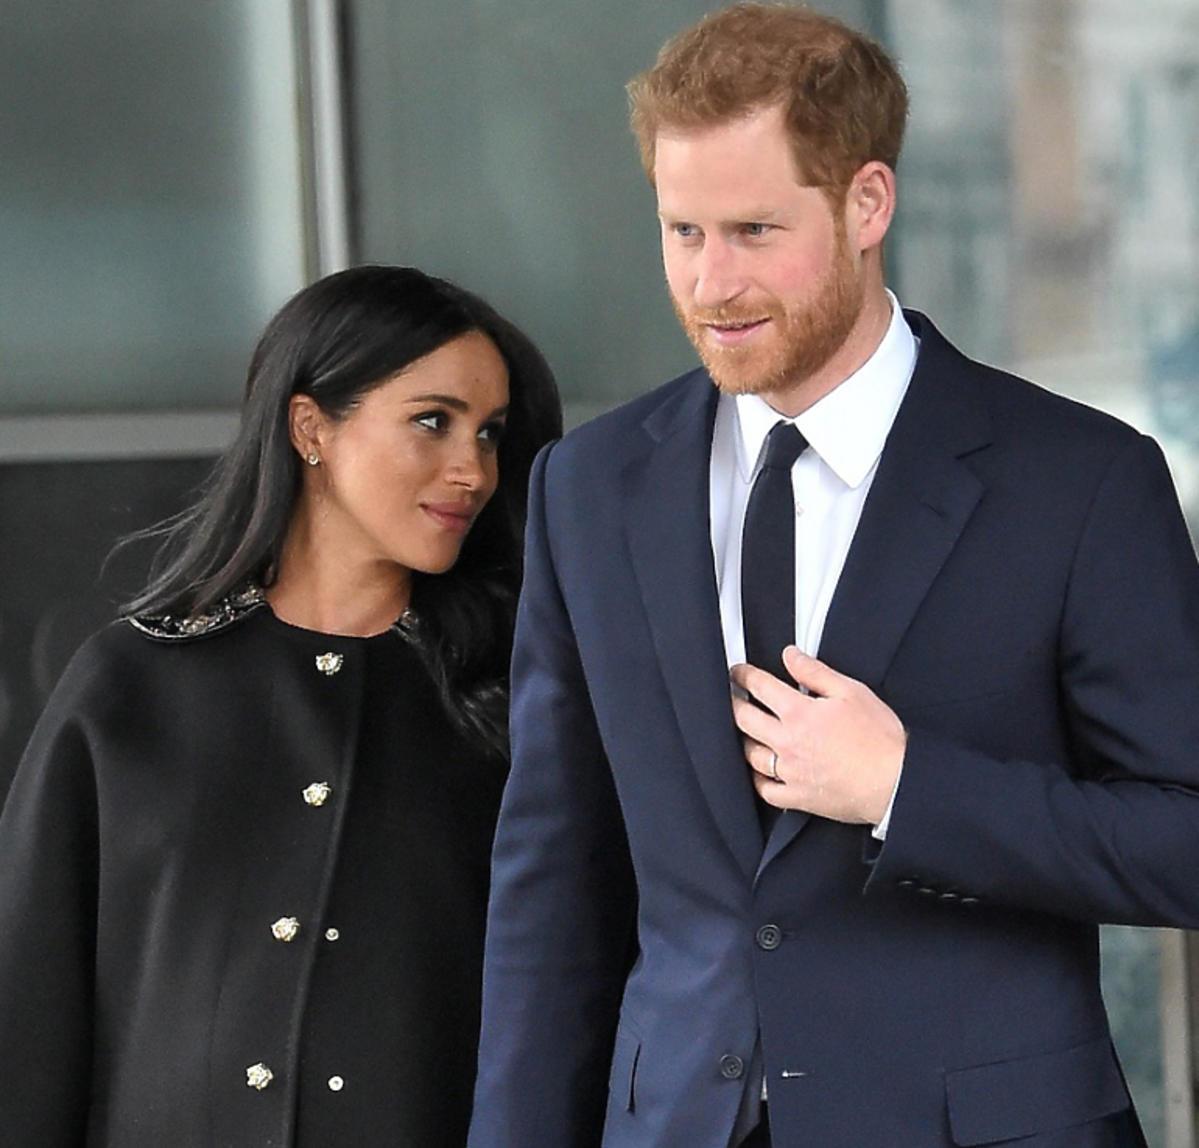 Meghan Markle w czarnym płaszczu z księciem Harrym